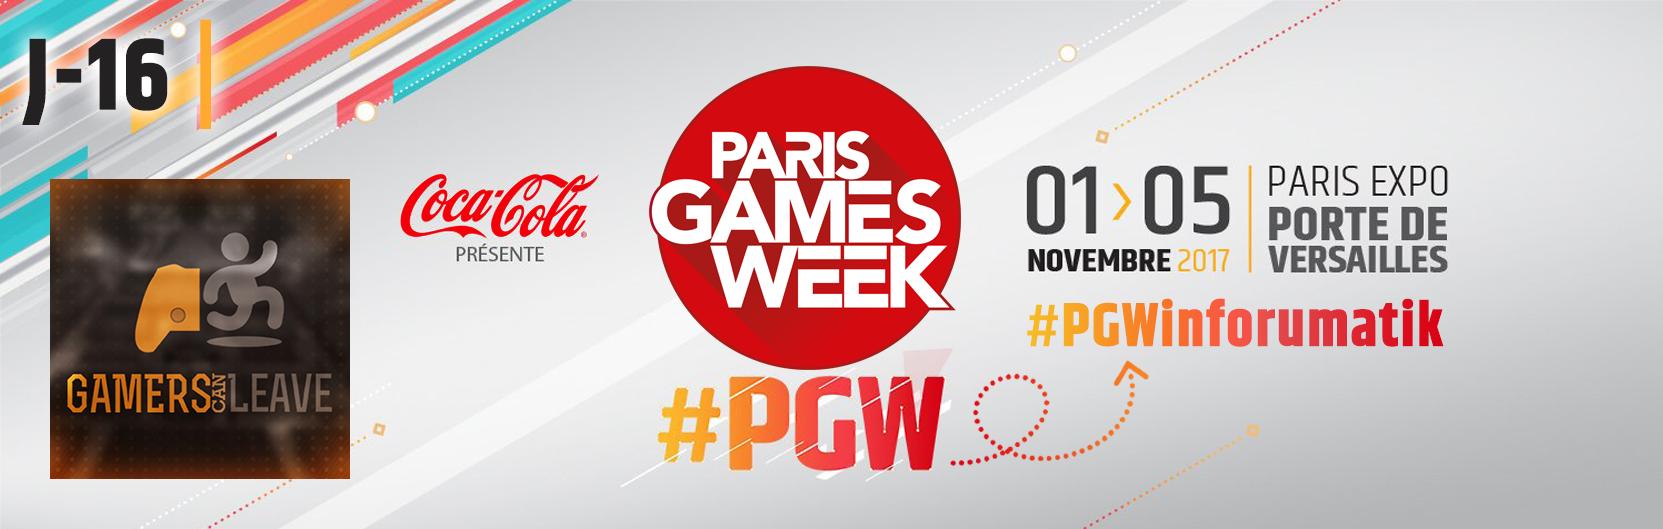 [J-16] Paris Games Week 2017 : Gamers Can Leave